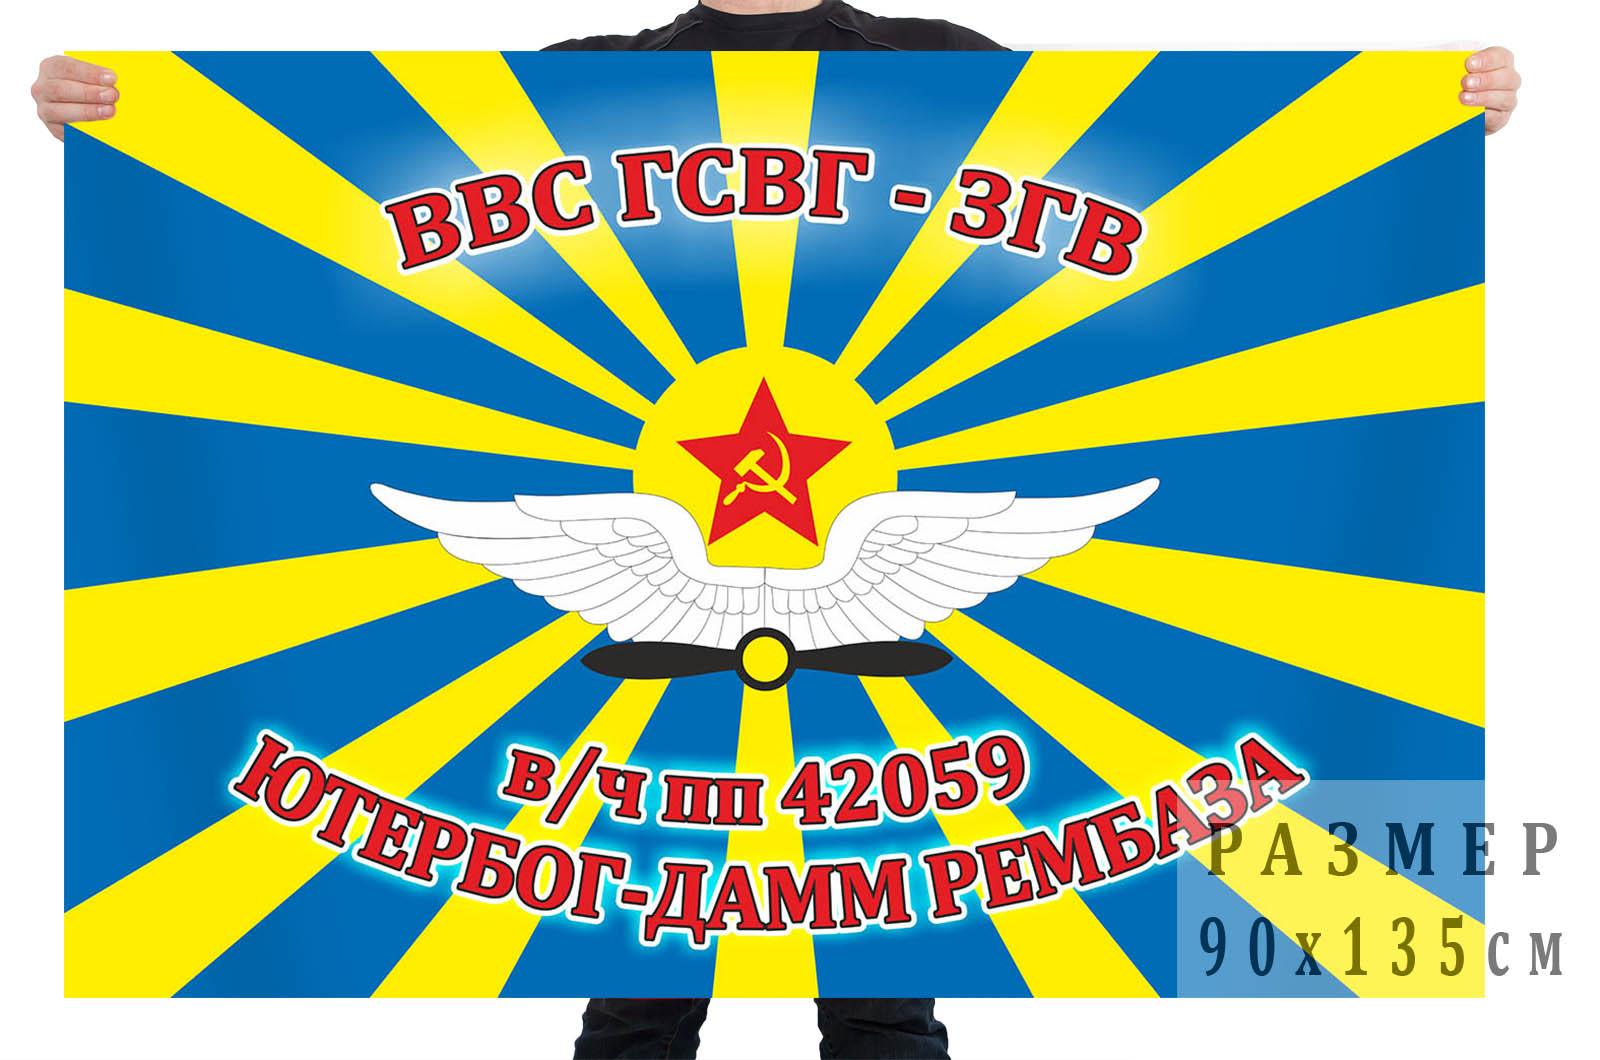 Купить в Москве флаг ВВС ГСВГ-ЗГВ «Ютербог-Дамм Рембаза в/ч пп 42059»